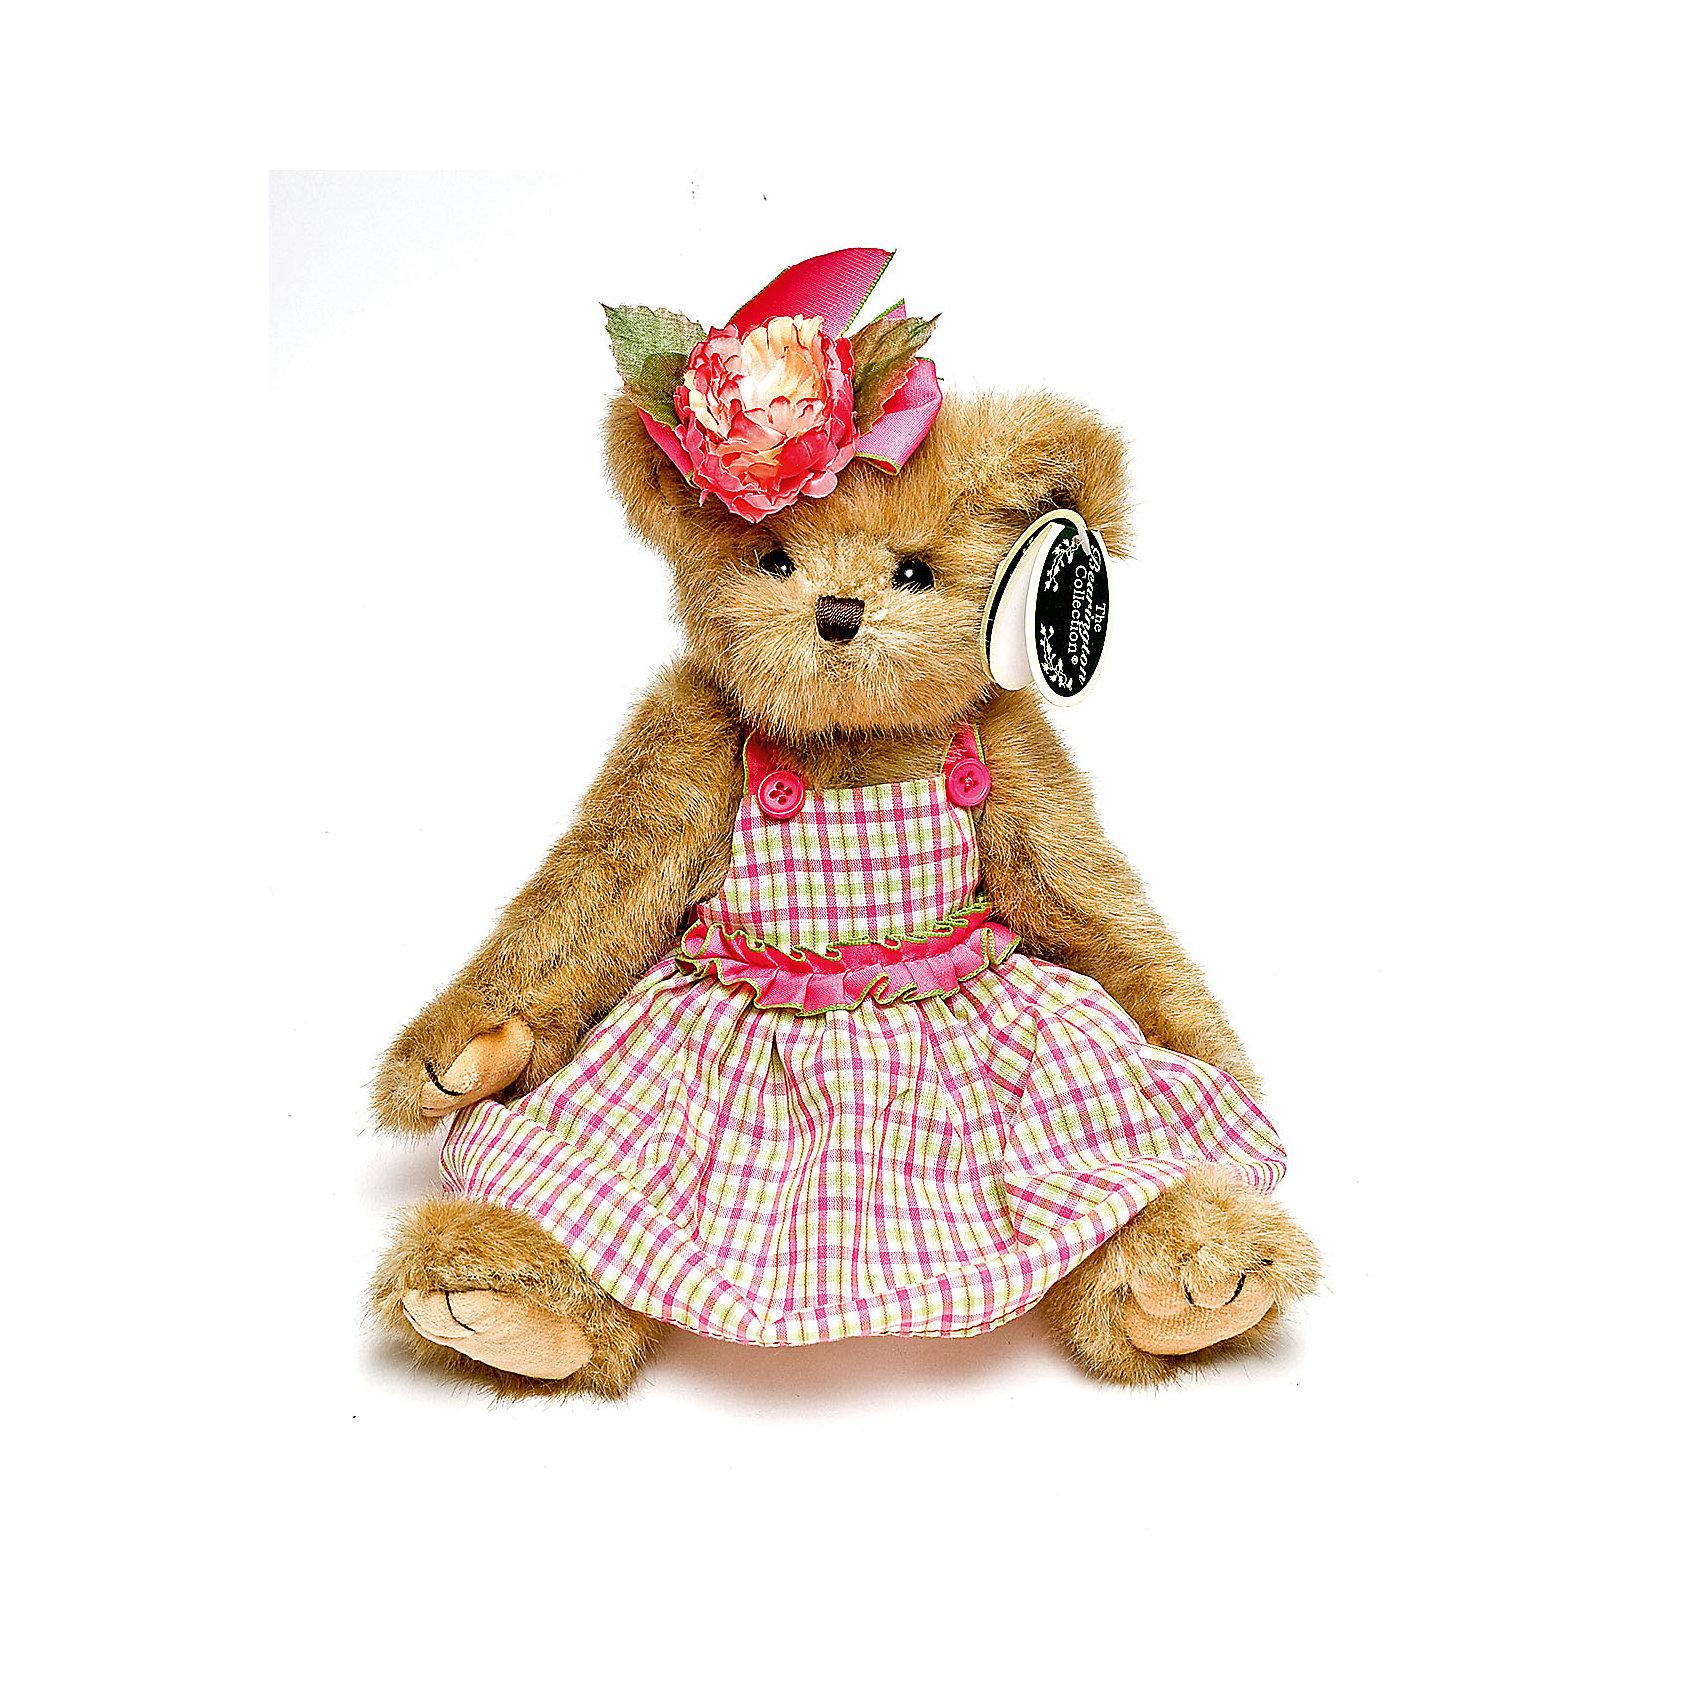 Мишка, 36 см, BearingtonМишка, 36 см, Bearington (Берингтон).<br><br>Характеристики:<br><br>- Высота игрушки: 36 см.<br>- Материал: искусственный мех, текстиль, набивка - полиэфирное волокно<br><br>Симпатичный мишка Тедди в клетчатом платье с розовой отделкой и с цветком на голове от американской компании Bearington (Берингтон) покорит Вас обаянием и красотой. Игрушка непременно вызовет положительные эмоции и подарит Вам свою любовь и тепло. У мишки очаровательная мордочка, забавный носик и черные как угольки глазки. Игрушка изготовлена из нежного высококачественного искусственного меха по классическим традициям производства мишек Тедди. Лапки игрушки крепятся таким образом, что их можно вращать по отношению к туловищу на 360 градусов, и придавать мишке разнообразные позы. Голова вращается. Чудесное платье сшито из высококачественных экологически чистых материалов. Крой и отделка наряда созданы с любовью, что придает игрушке особый шарм. Платье можно снимать и одевать. Играть с мишкой Тедди от Беарингтон также интересно, как и с куклами. Благодаря чудесному образу и высококачественному исполнению мишка станет лучшим подарком для девочек и девушек с утонченным изысканным вкусом и для коллекционеров мишек Тедди.<br><br>Мишку, 36 см, Bearington (Берингтон) можно купить в нашем интернет-магазине.<br><br>Ширина мм: 100<br>Глубина мм: 80<br>Высота мм: 360<br>Вес г: 270<br>Возраст от месяцев: 36<br>Возраст до месяцев: 2147483647<br>Пол: Женский<br>Возраст: Детский<br>SKU: 5119963